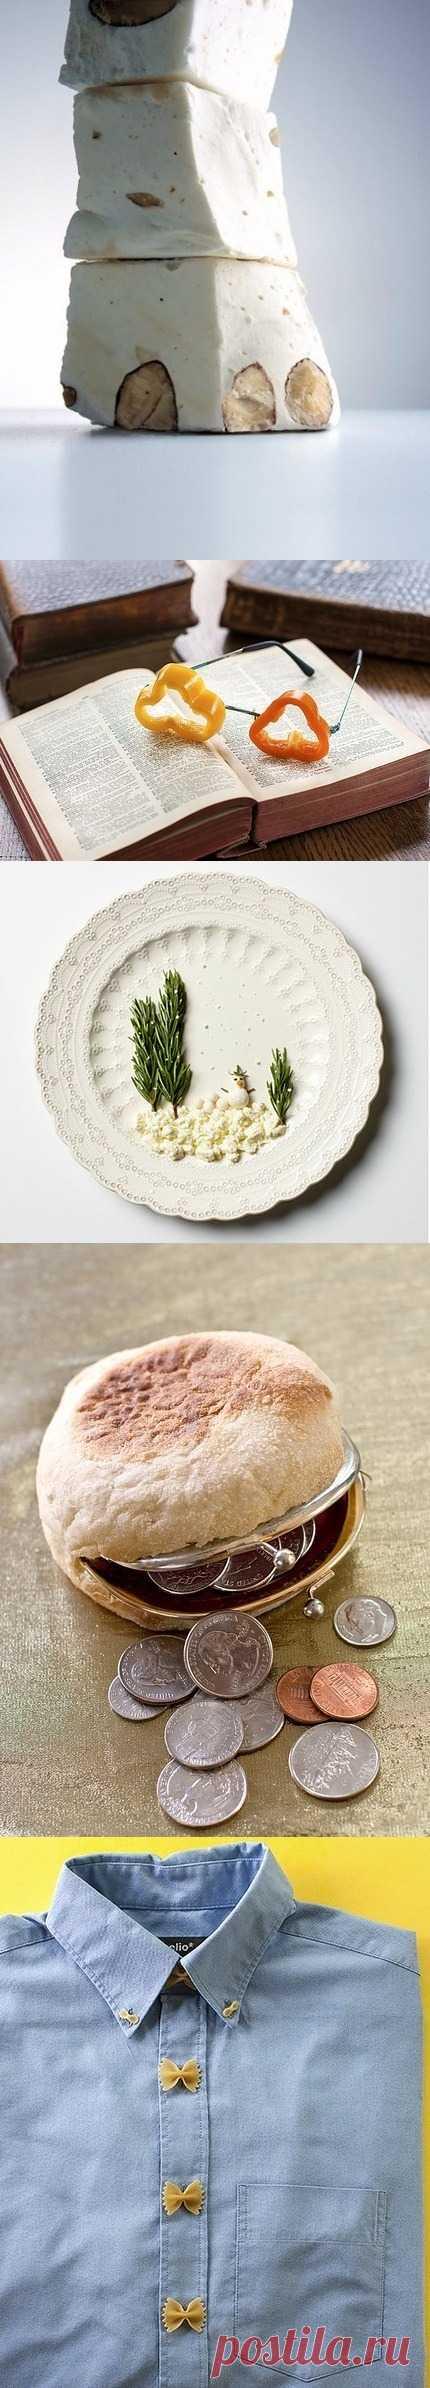 Необычные фтографии еды.